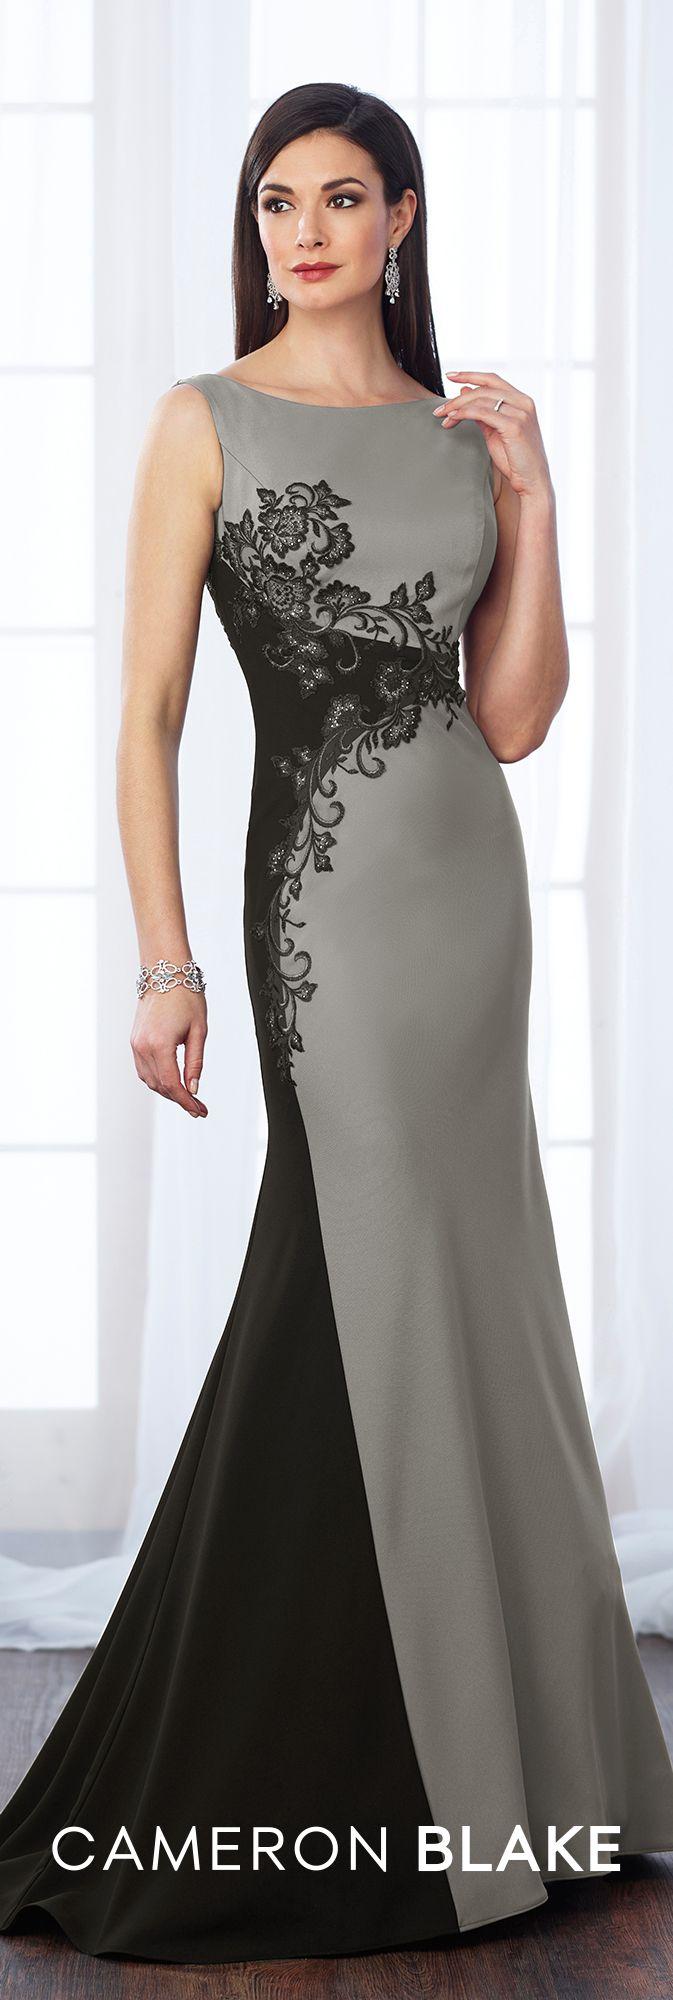 Cameron Blake - Evening Dresses - 217651 | Evening Dresses ...